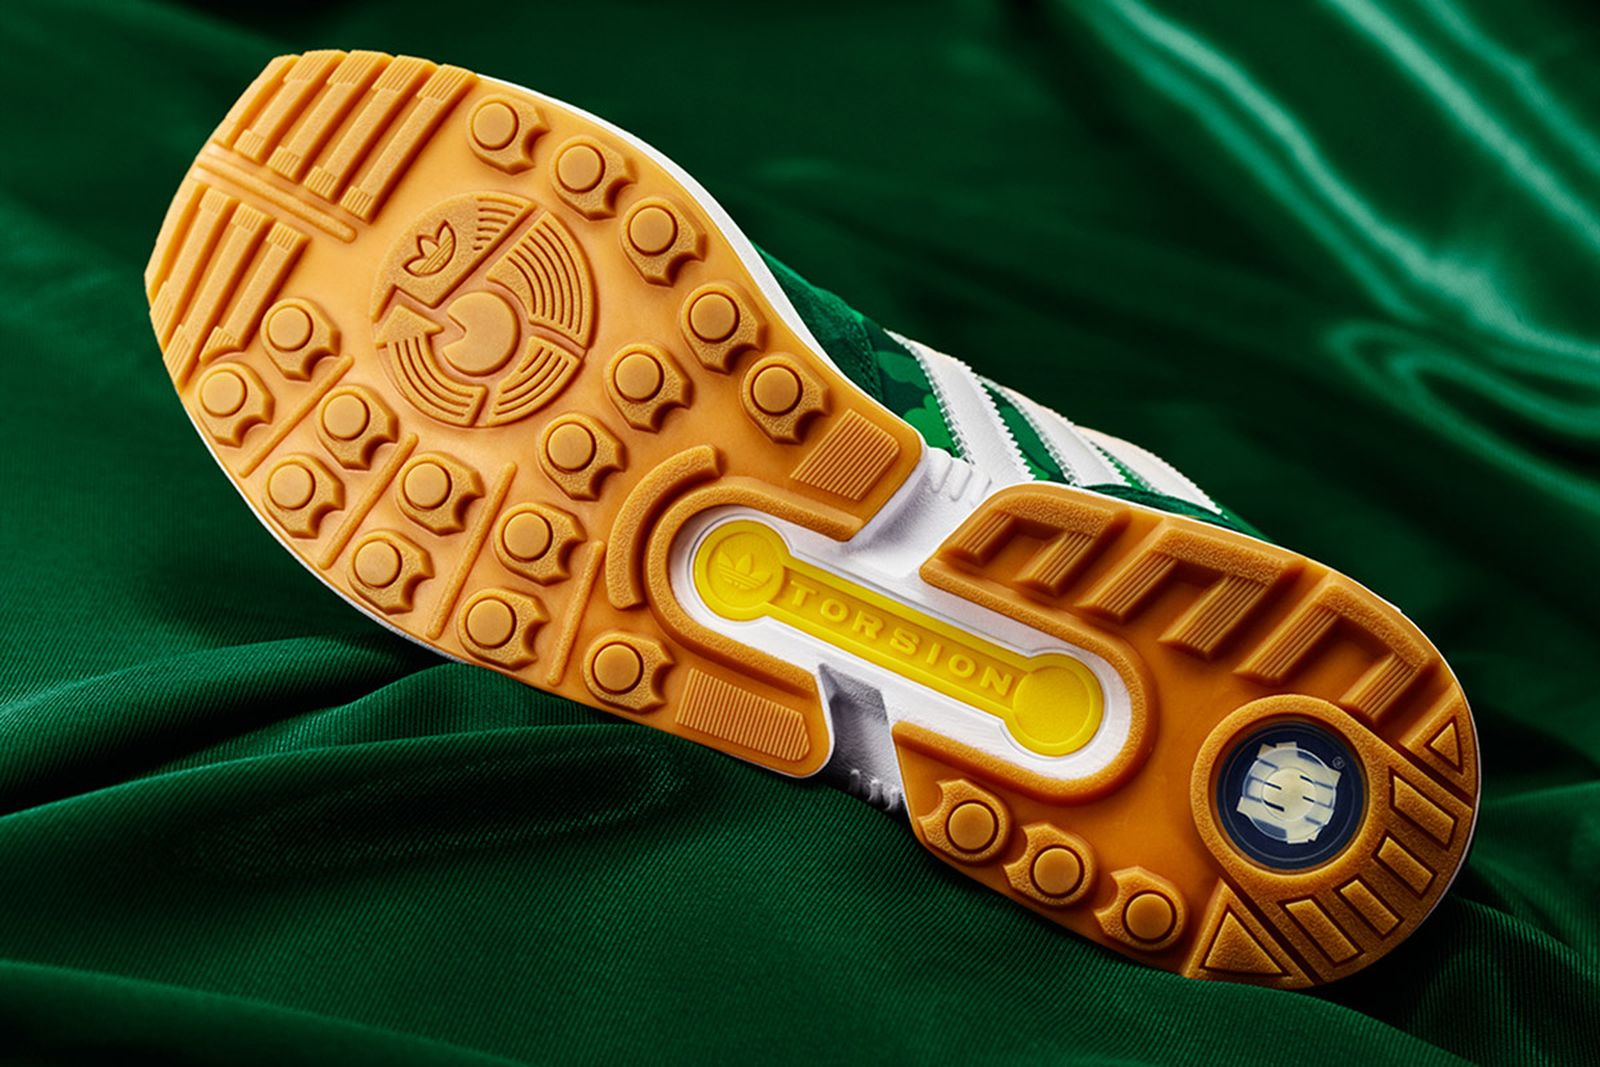 bape-x-adidas-zx8000-02